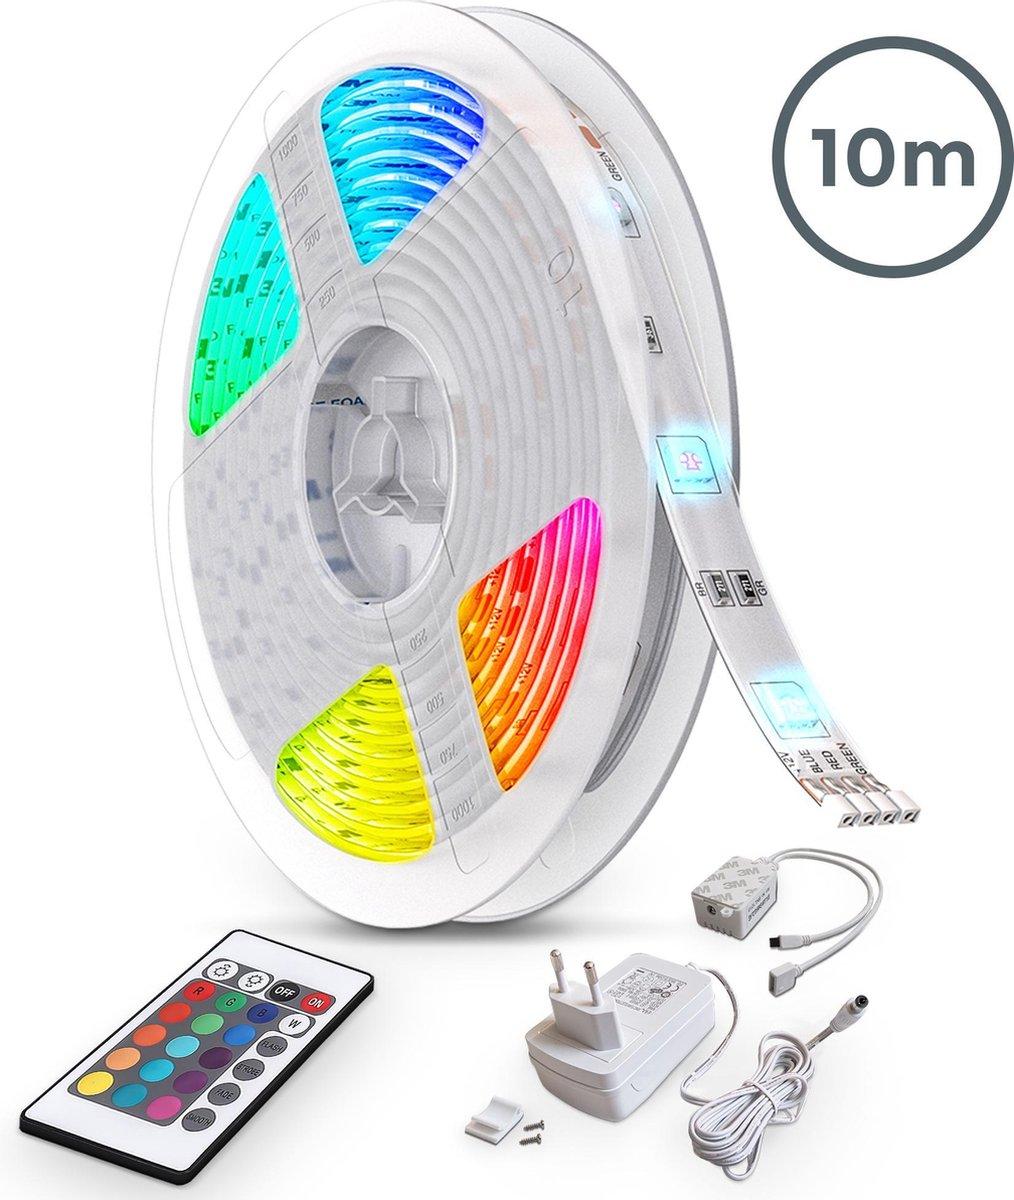 B.K.Licht - 10 meter Led Strip met Afstandsbediening - RGB en dimbaar - Led lightstrip zelfklevend